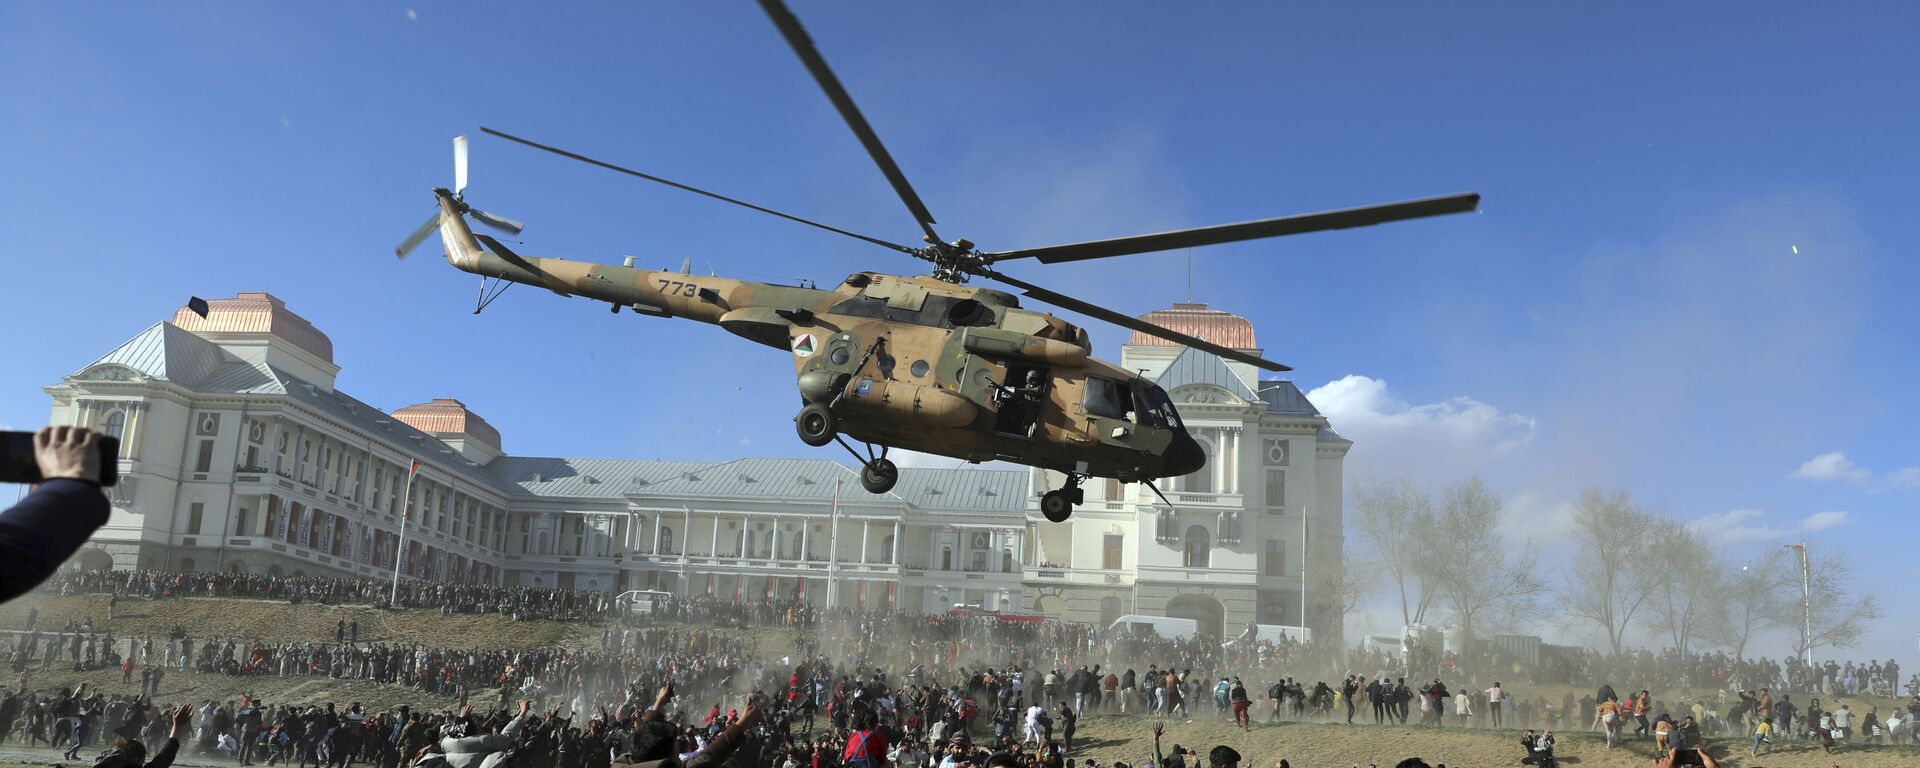 Военный вертолет во время выставки вооружения в Кабуле, Афганистан  - Sputnik Узбекистан, 1920, 19.04.2021